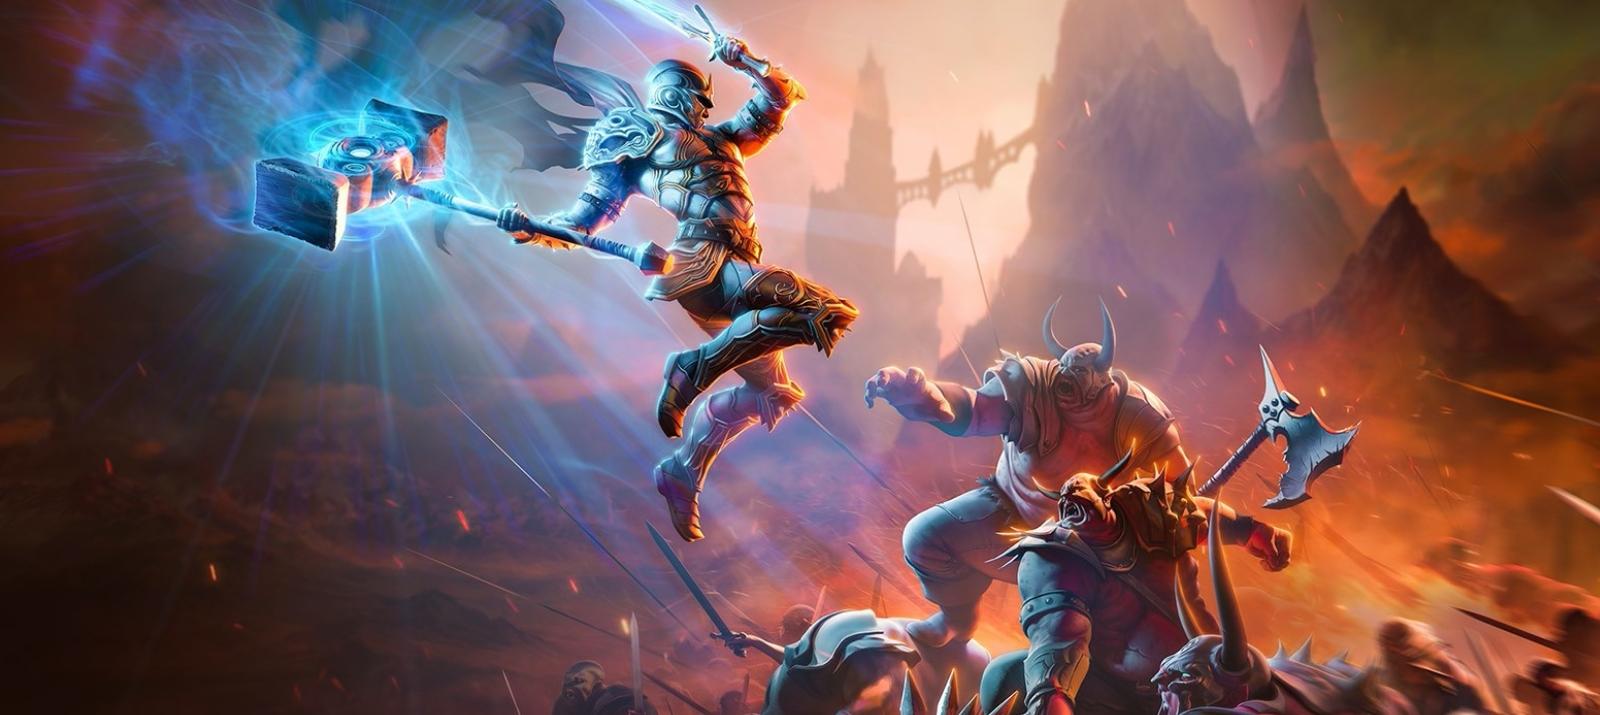 Обладатели оригинальной Kingdoms of Amalur получат 50% скидку на переиздание в Steam